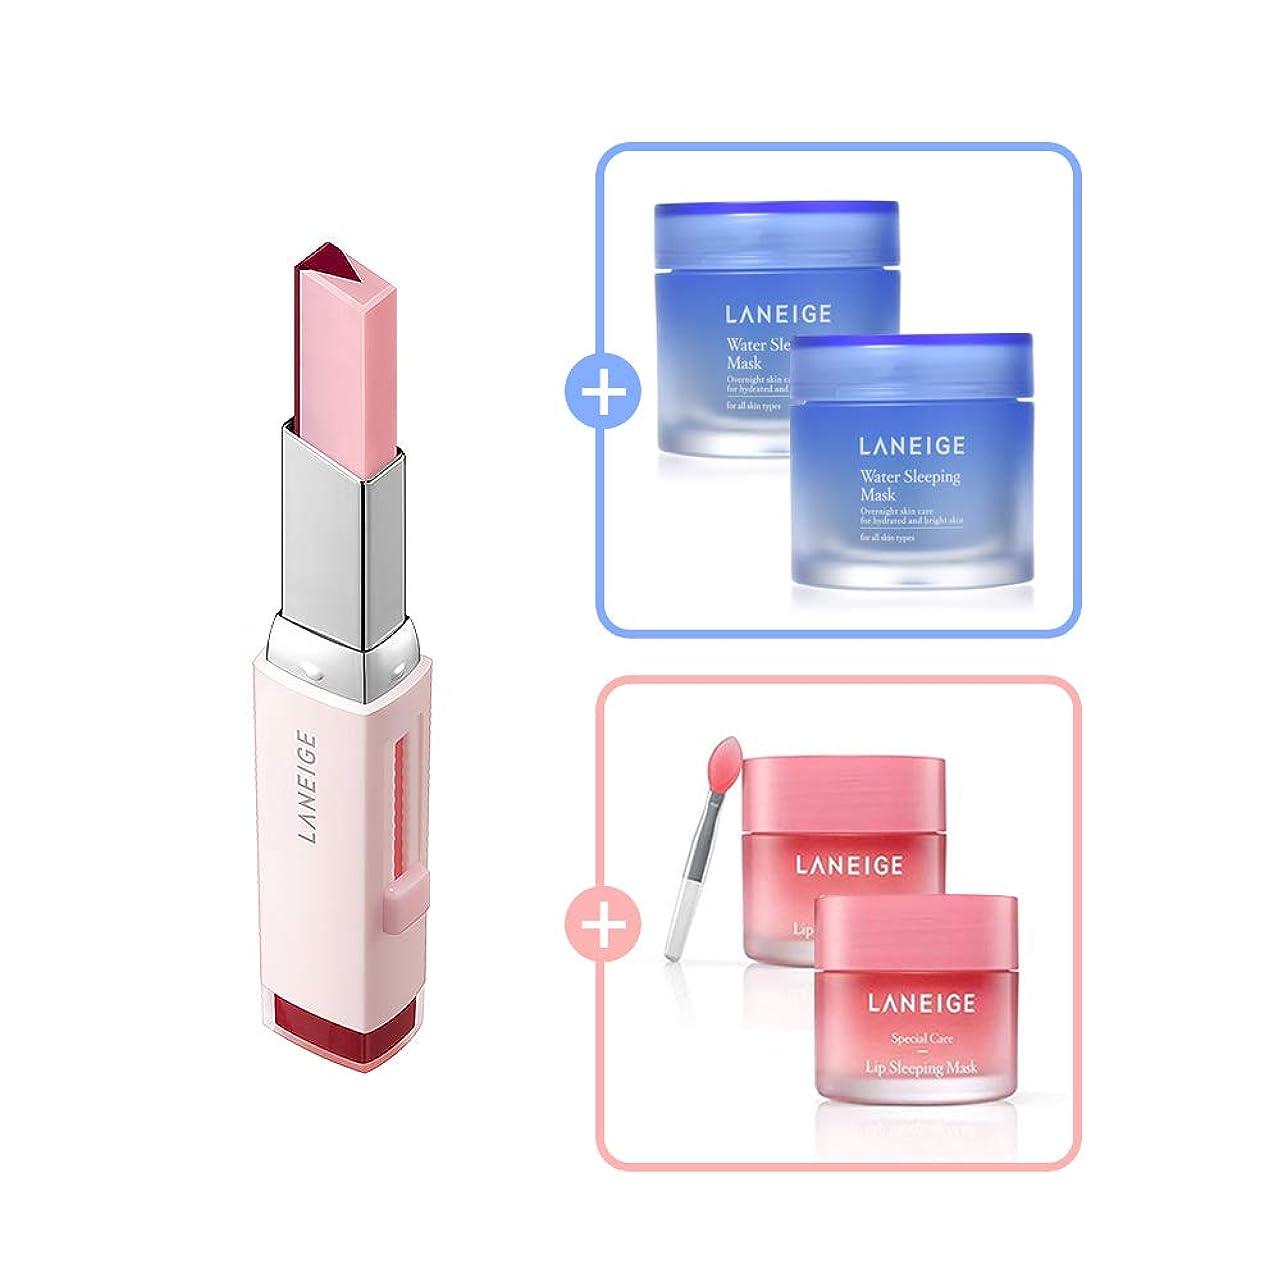 黙閲覧する持続するTwo Tone Tint Lip Bar 2g (No.8 Cherry Milk)/ツートーン ティント バー 2g (No.8 チェリー ミルク) [数量限定!人気商品のサンプルプレゼント!]